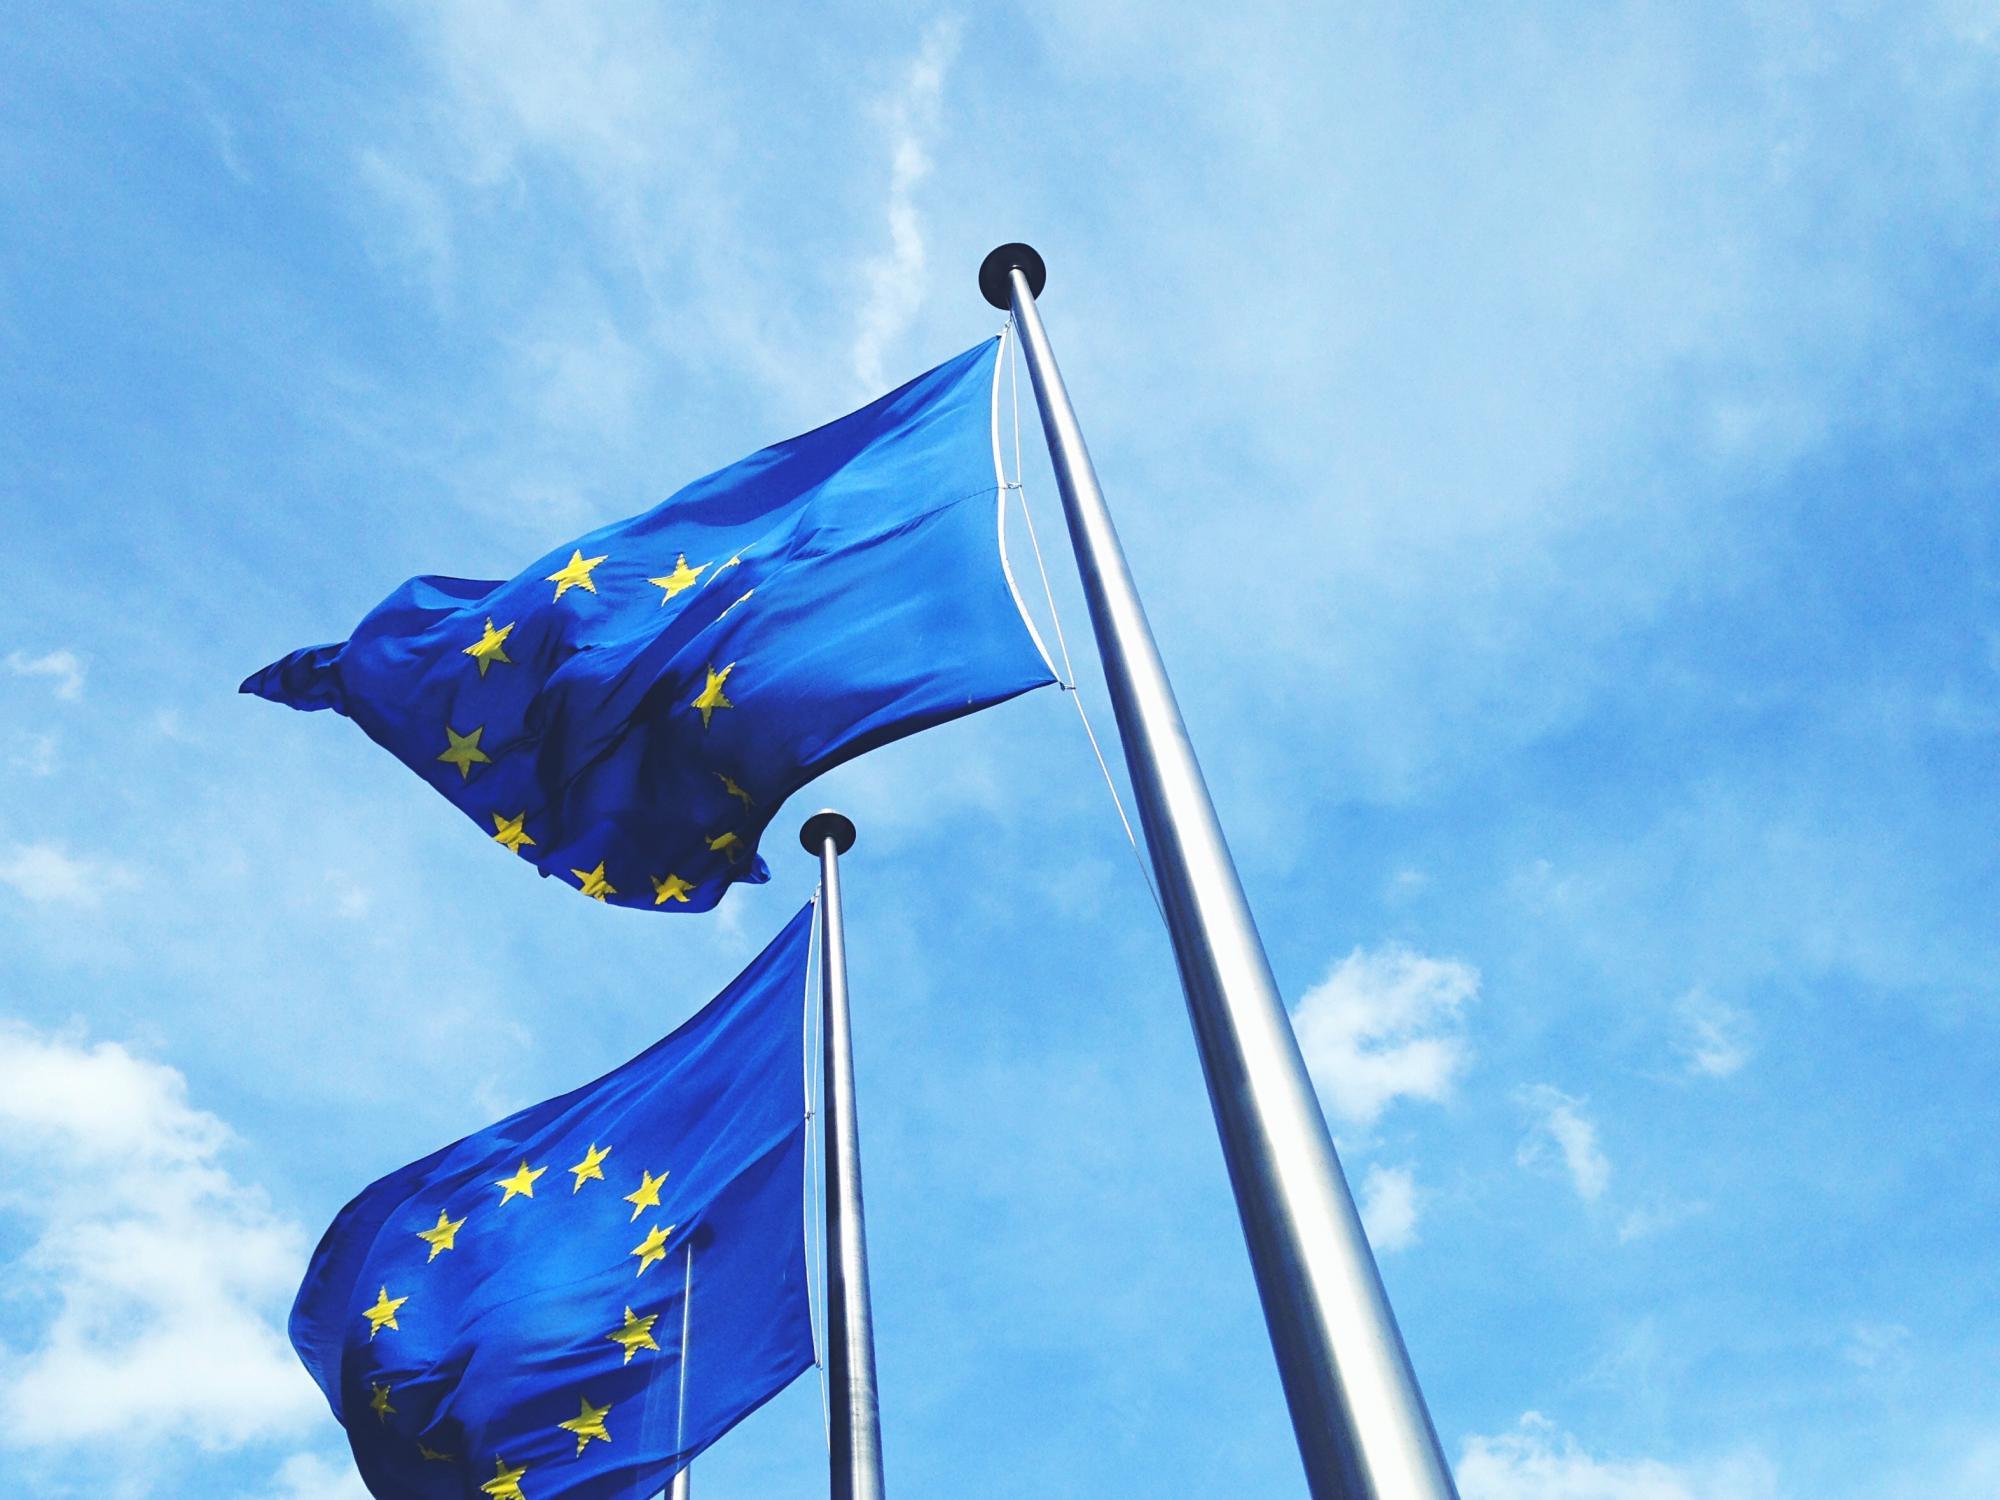 В ЕС вступают в силу  более строгие правила по борьбе с уклонением от уплаты налогов